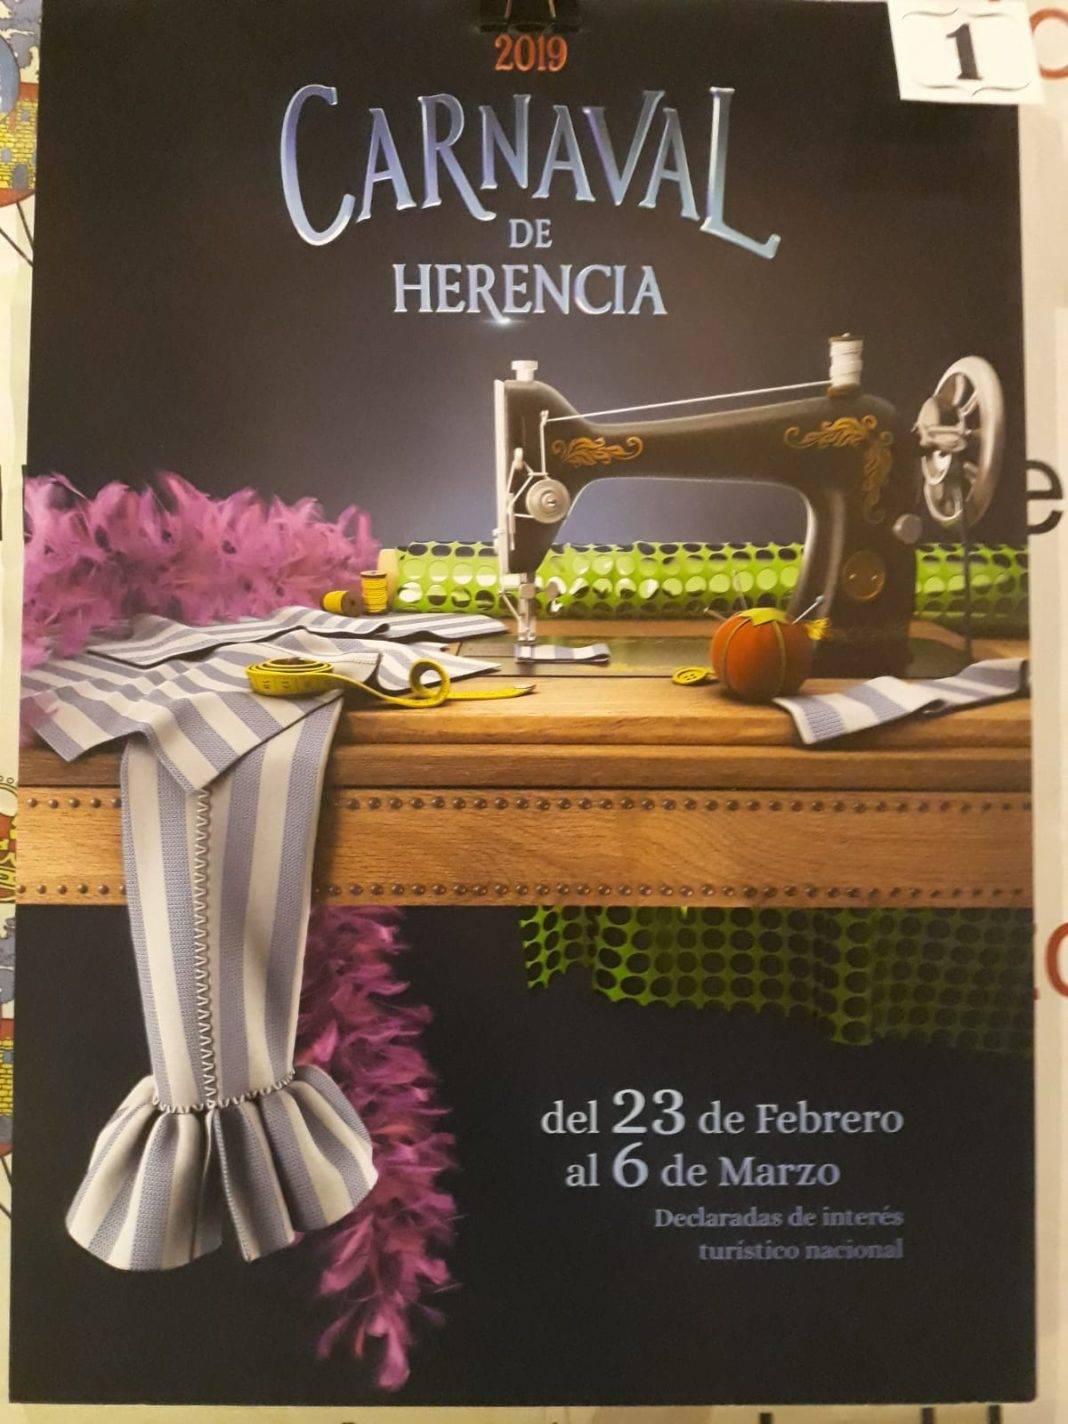 carteles carnaval de herencia 2019 eleccion 1 1068x1424 - Vídeo de la presentación del Carnaval de Herencia 2019